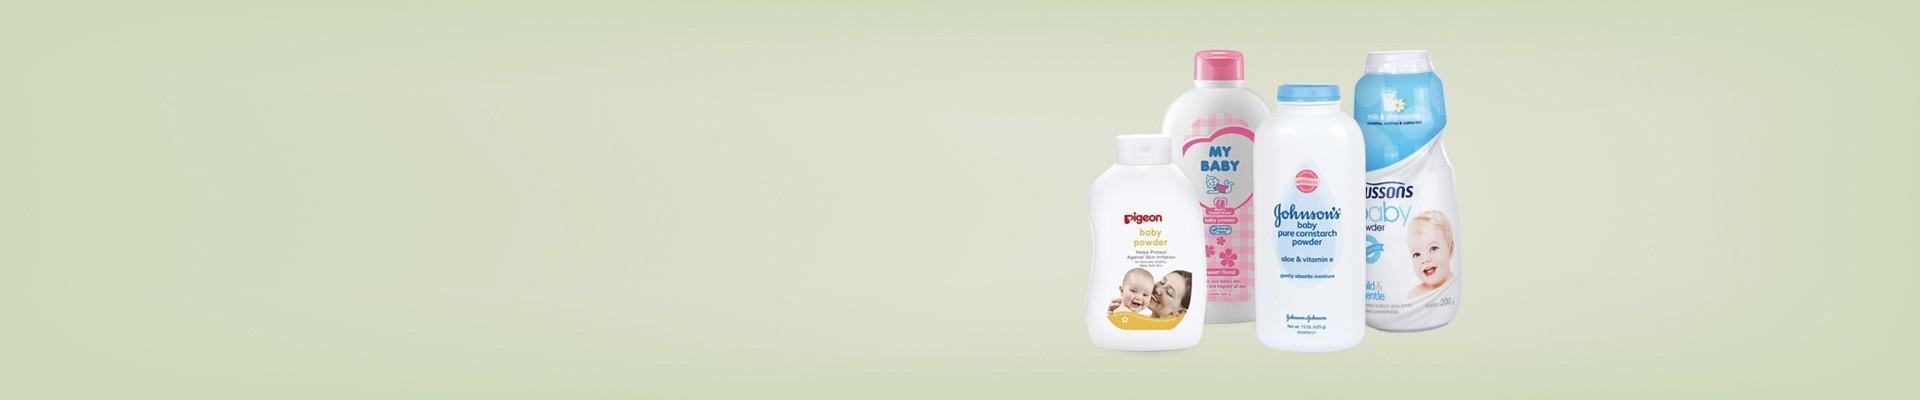 Jual Bedak Bayi Terbaik & Terlengkap - Berkualitas